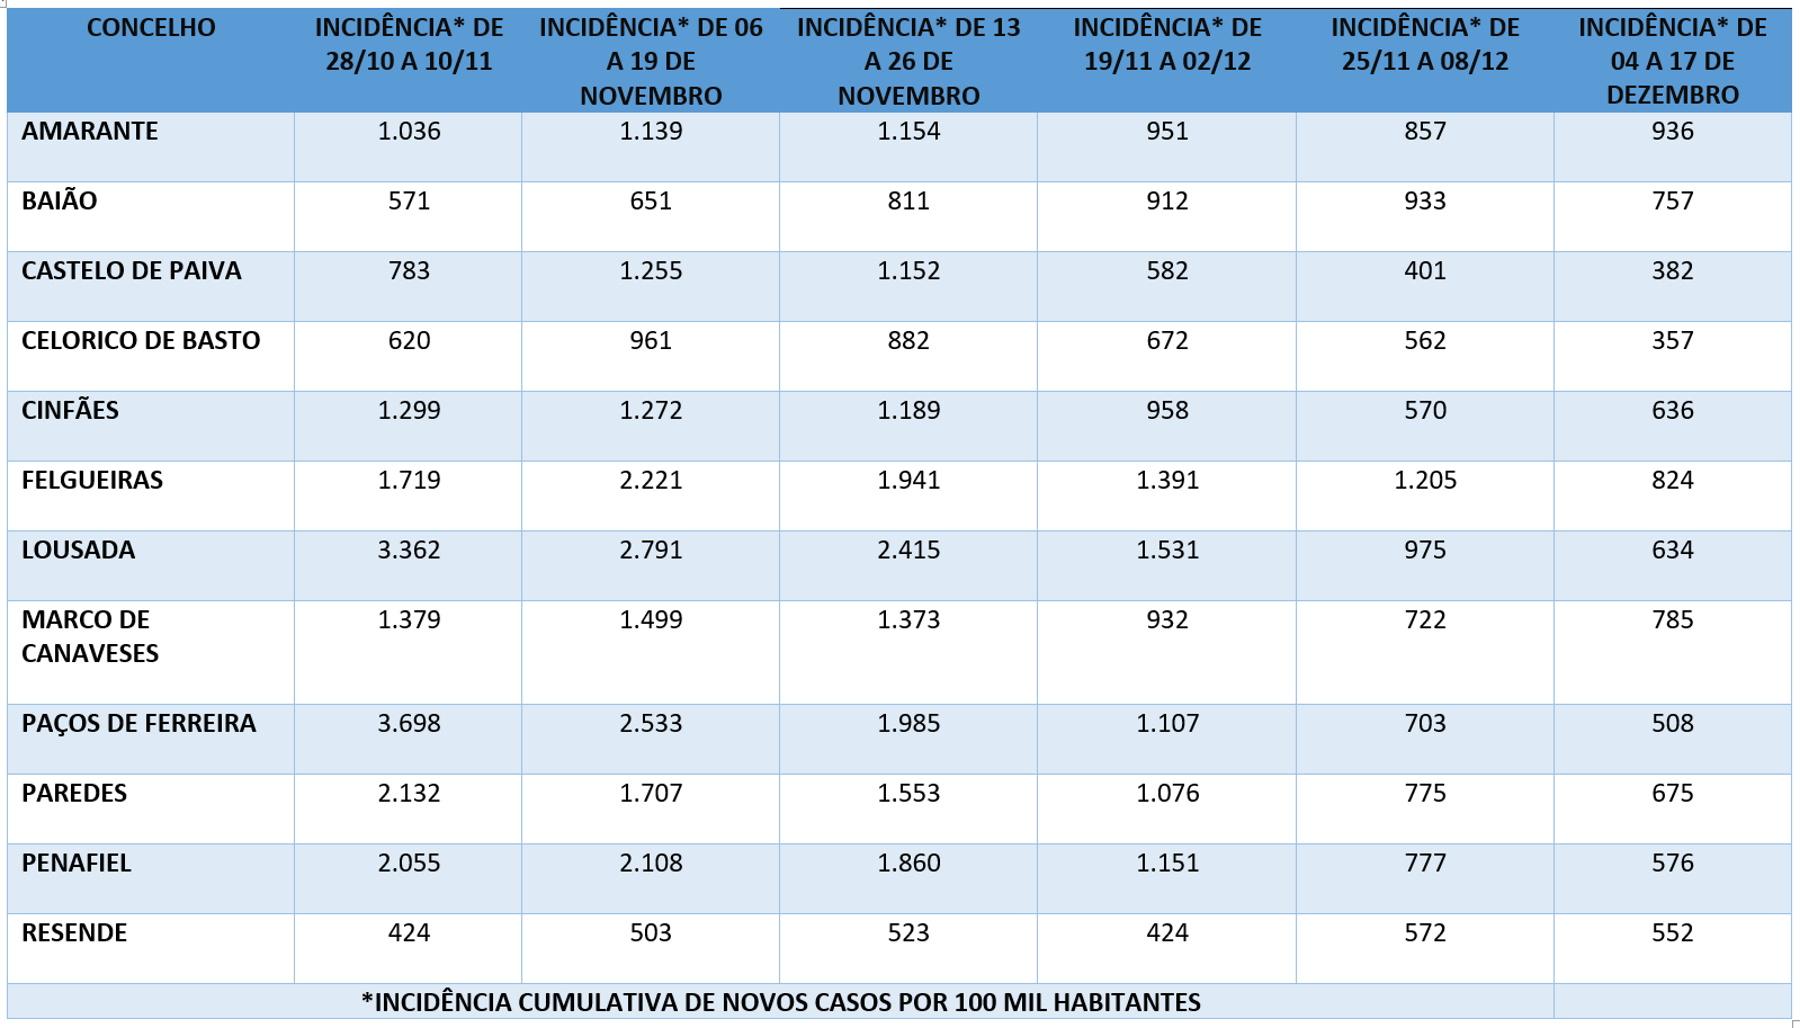 covid-19 - tabela TS 21 dezembro